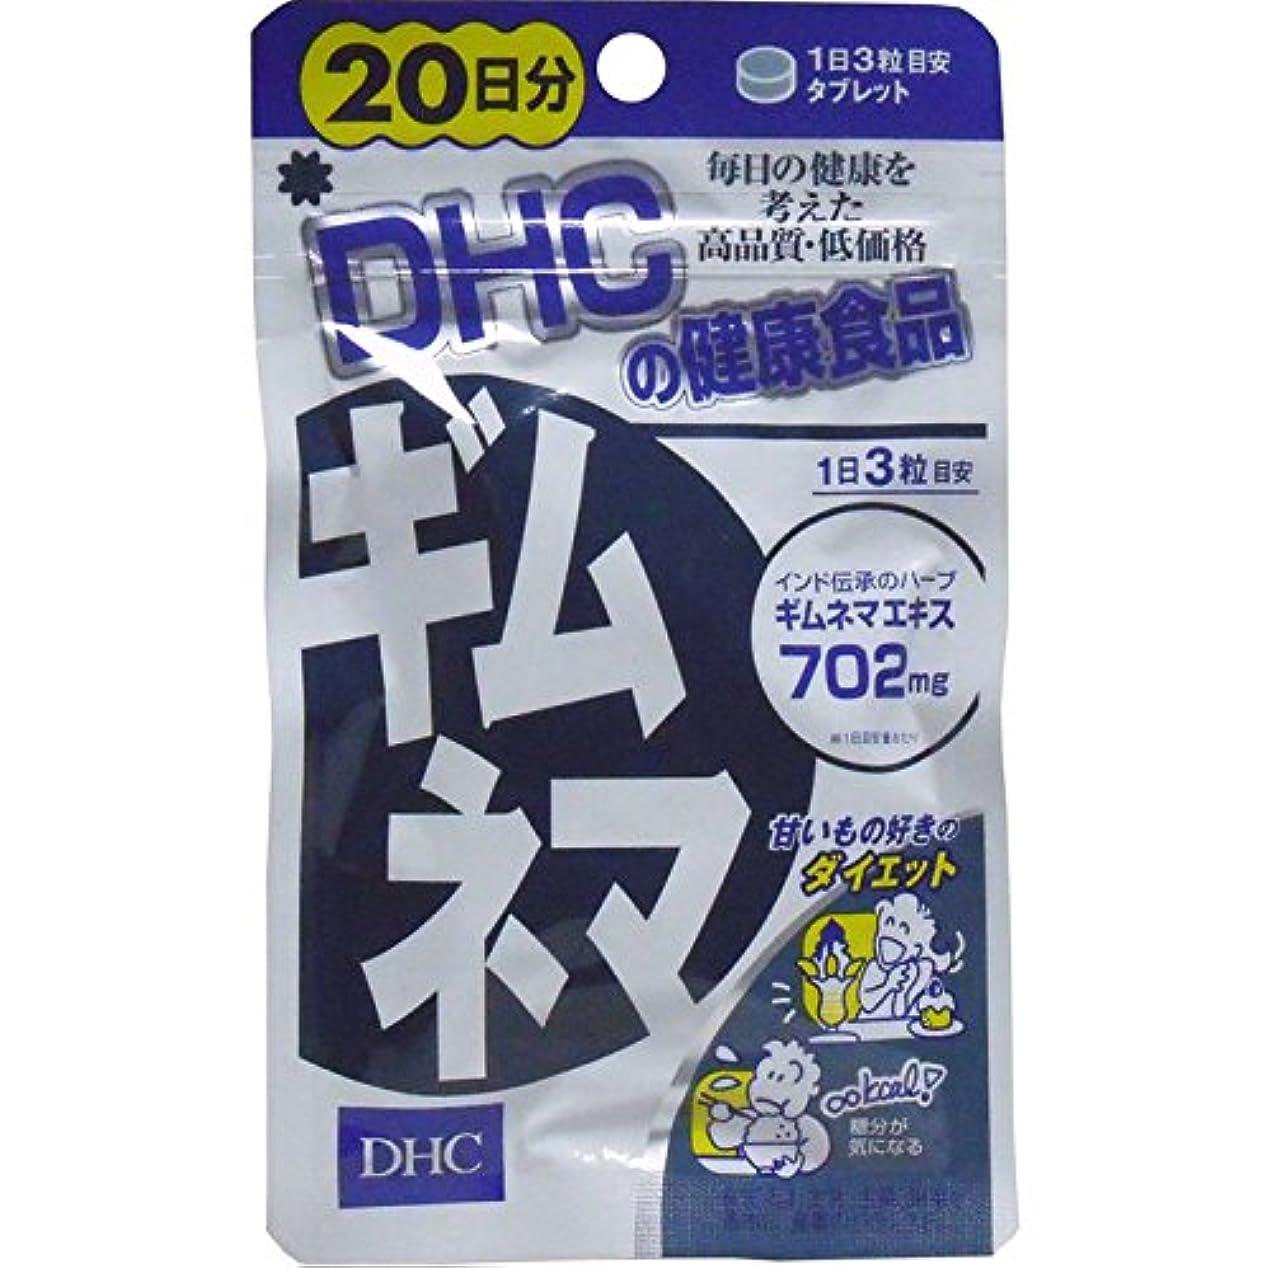 応答師匠恐竜余分な糖分をブロック DHC ギムネマ 20日分 60粒